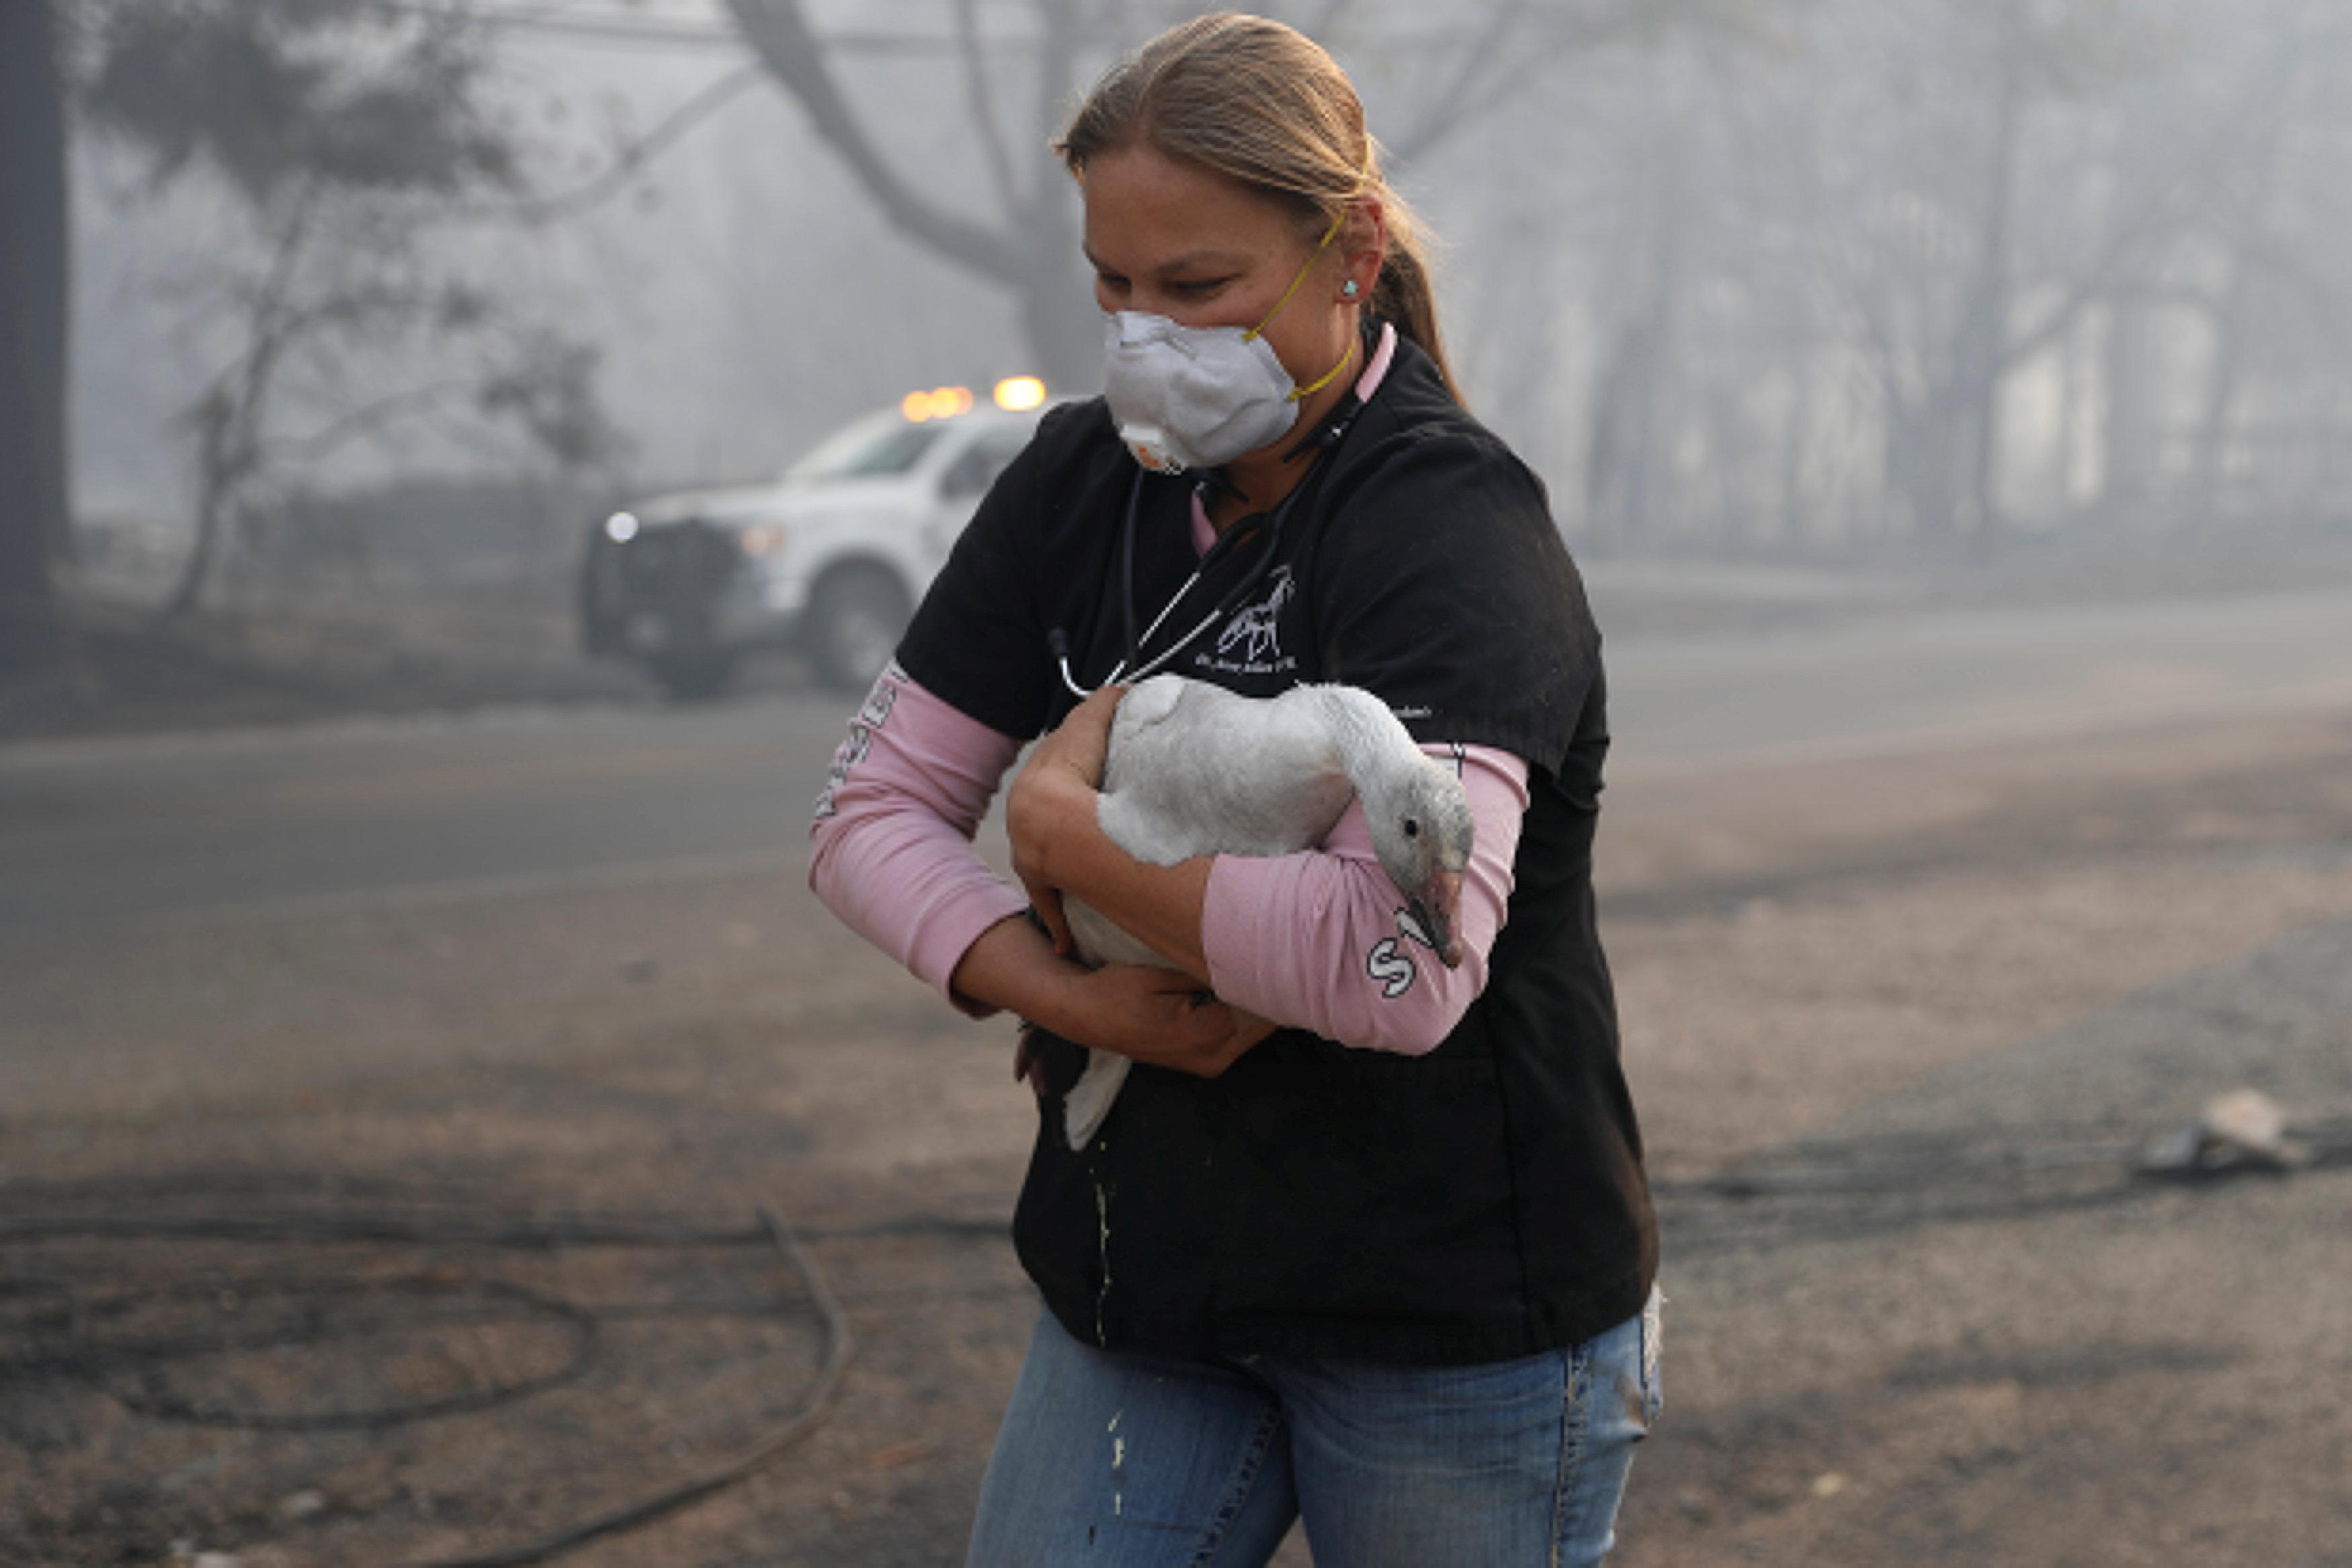 pyrini-kolasi-stin-kalifornia-25-nekroi-amp-8211-anypologistes-katastrofes-fotografies3